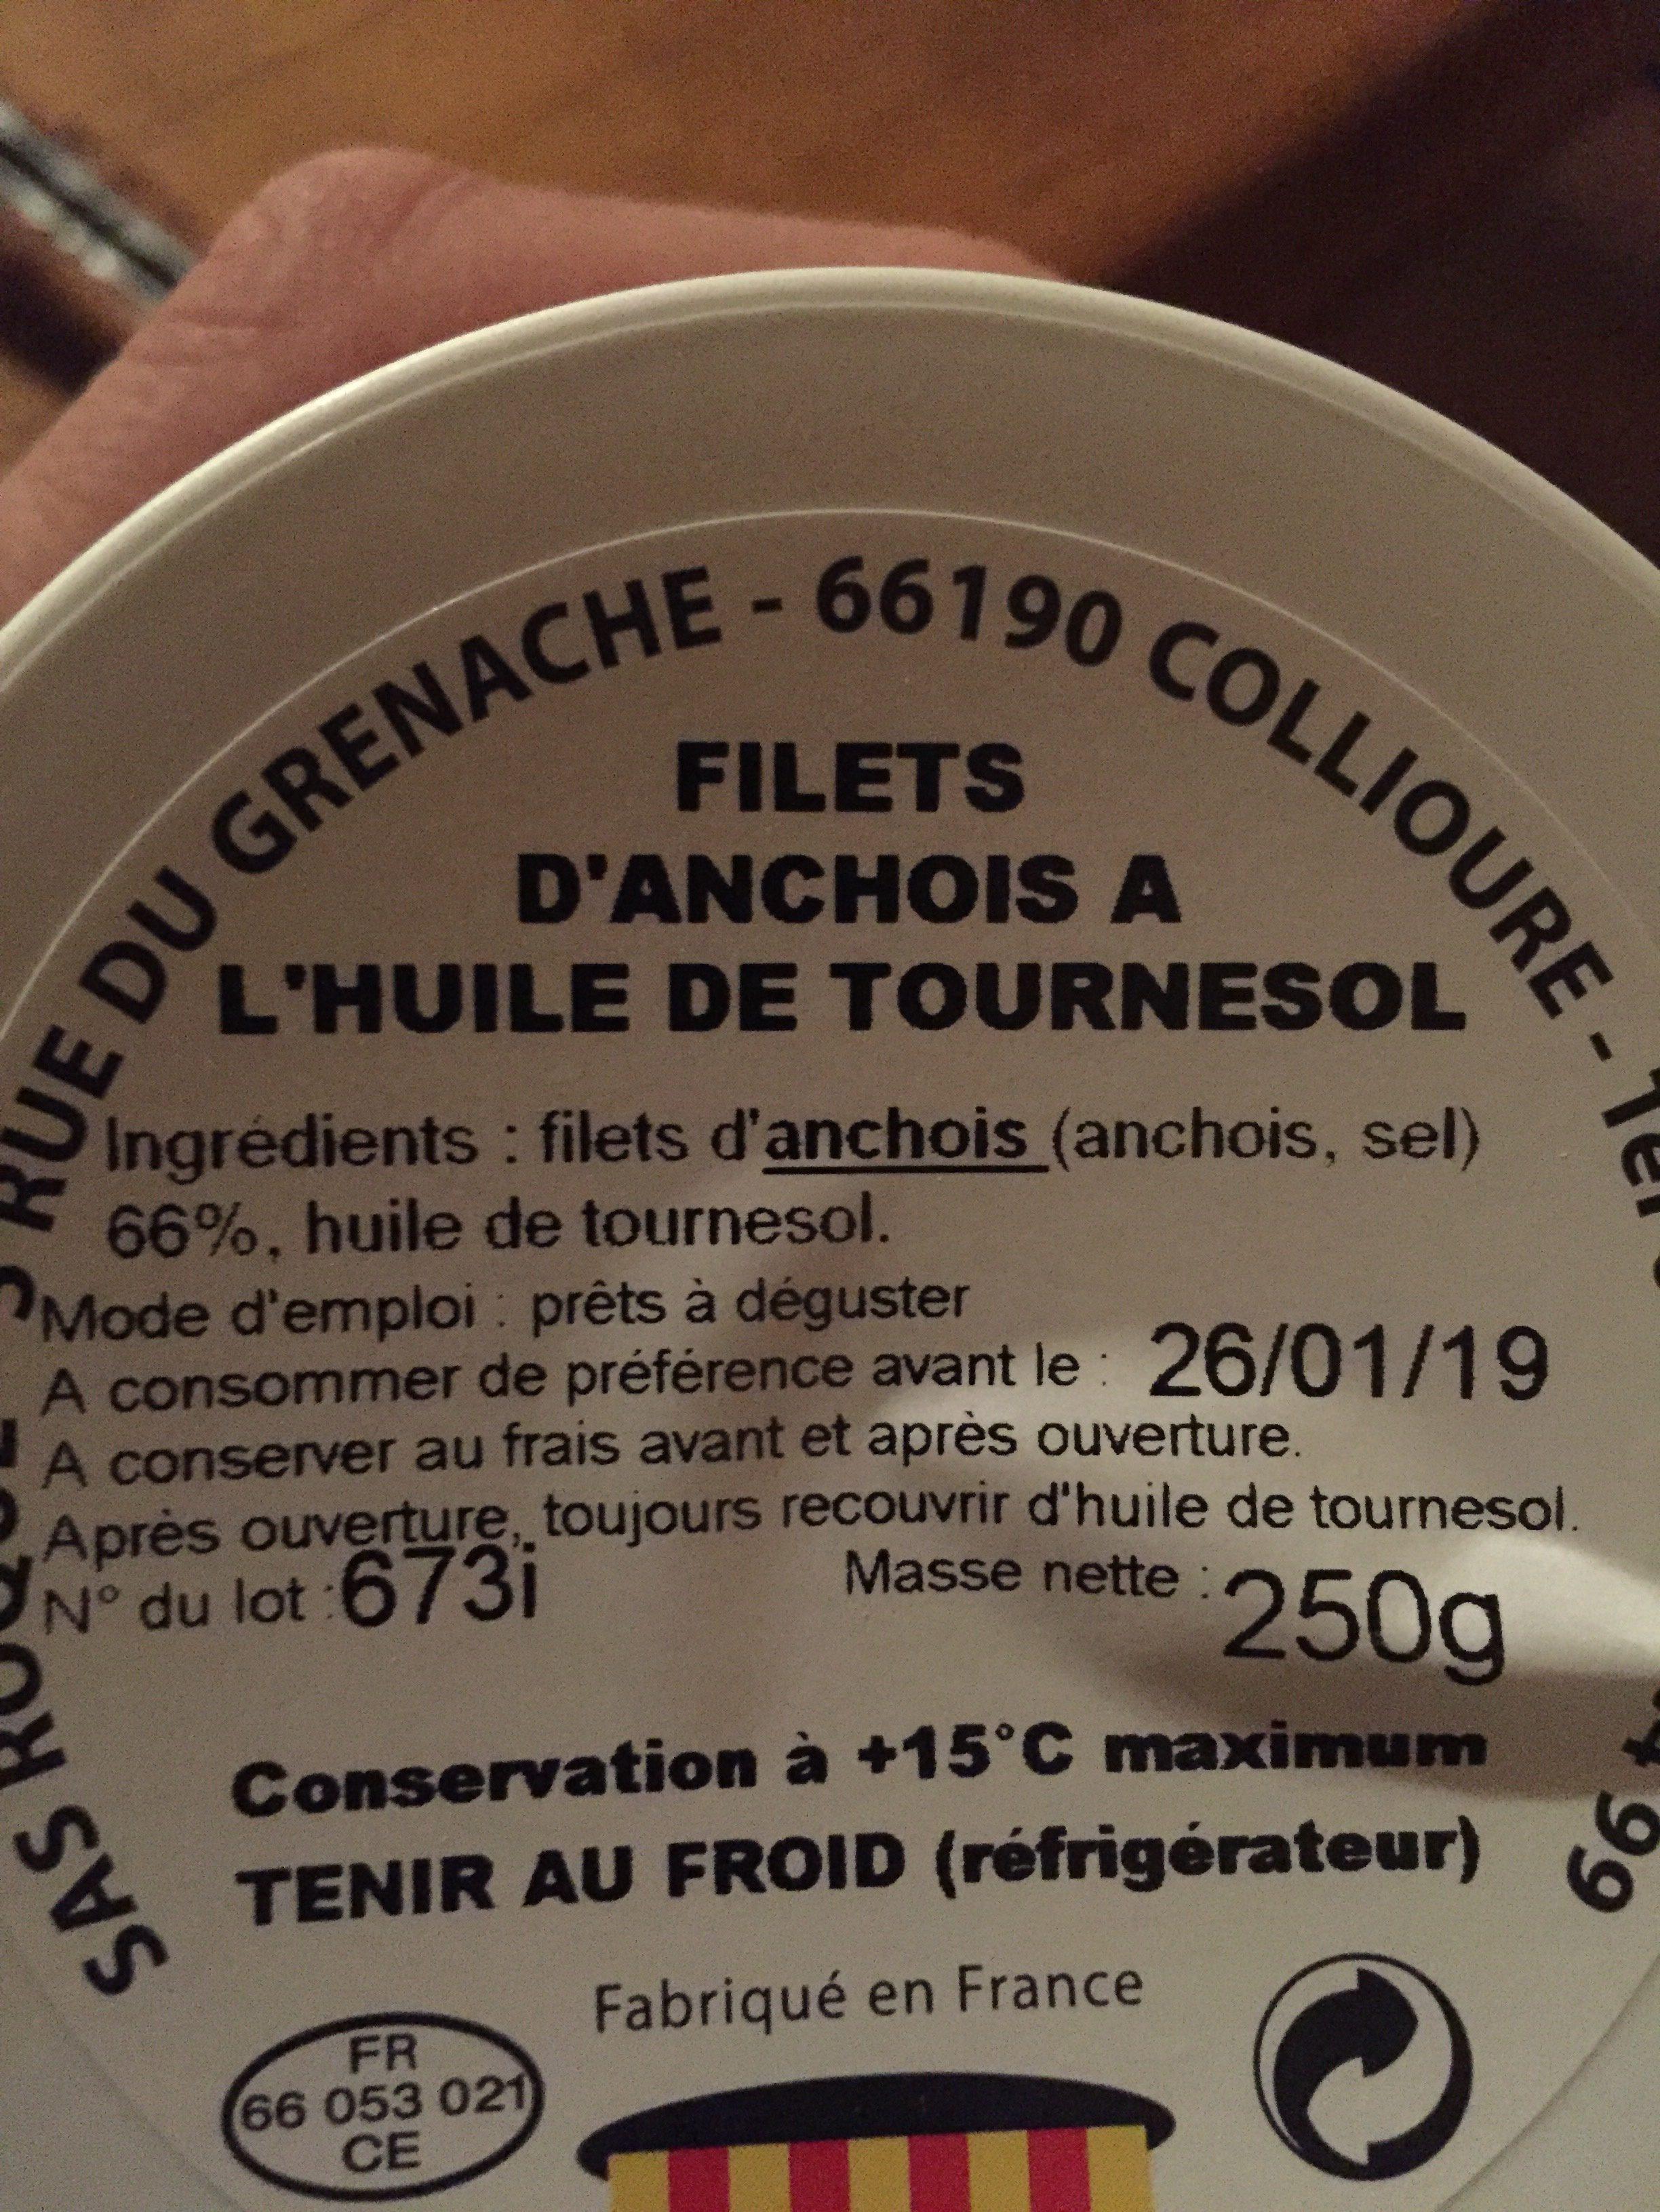 Filets d'anchois à l'huile de tournesol 250 g - Ingredients - fr